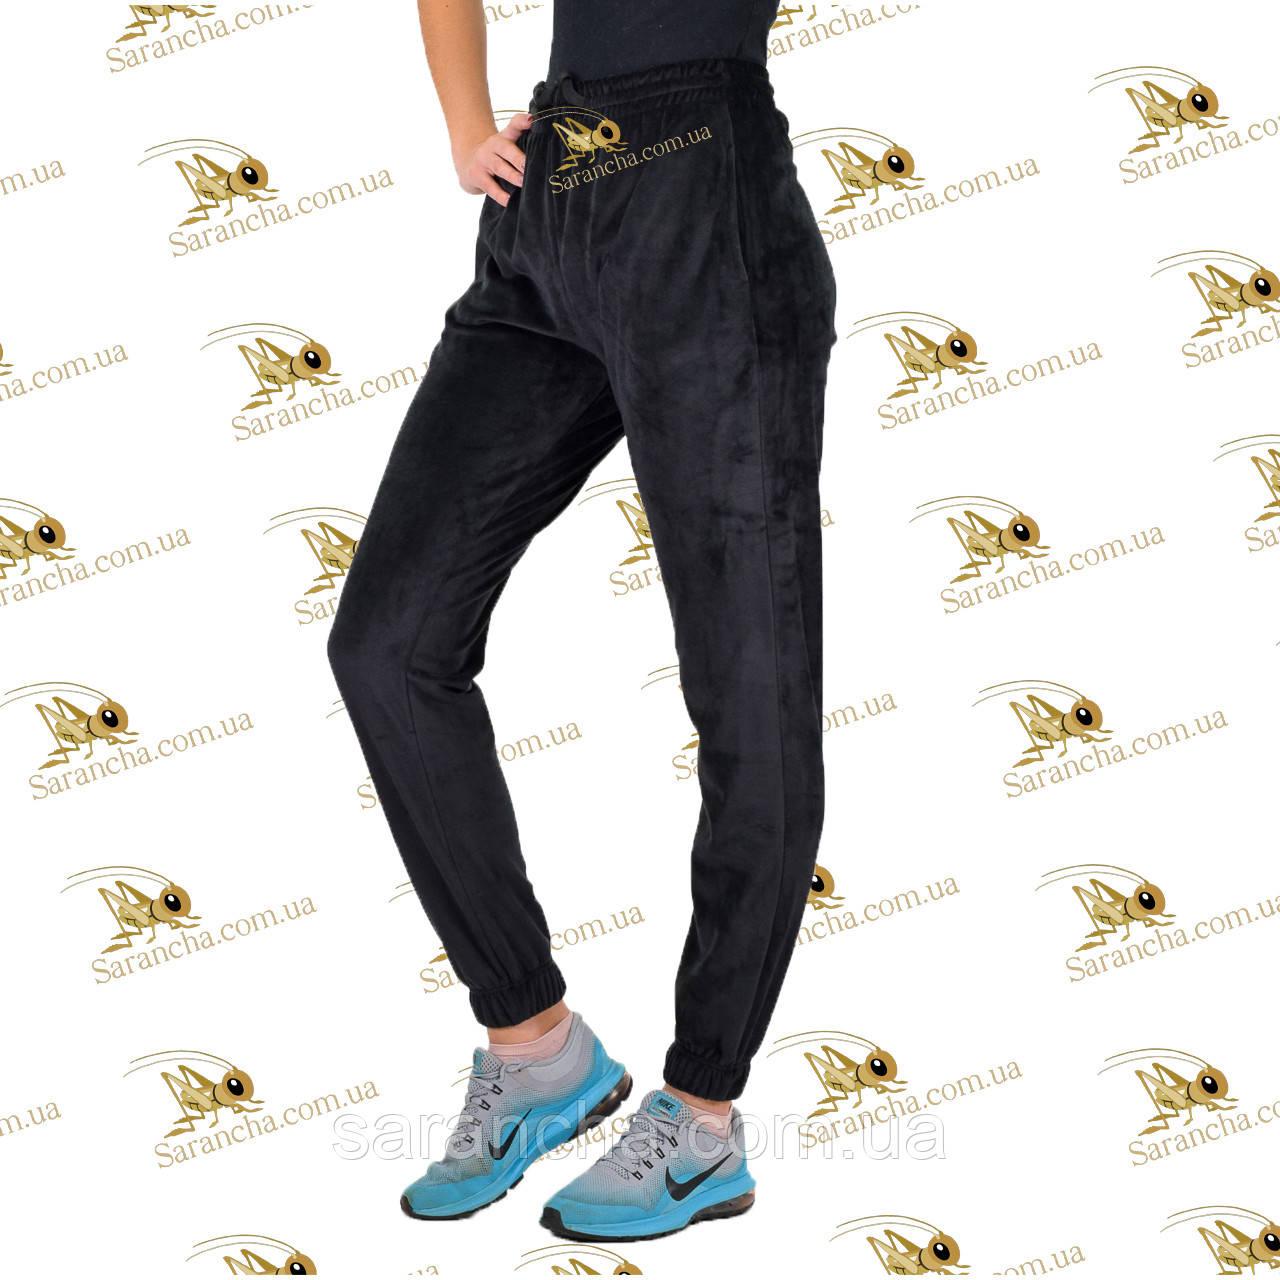 Утеплені велюрові чорні штанці на манжеті розмір 42, 44, 46, 48